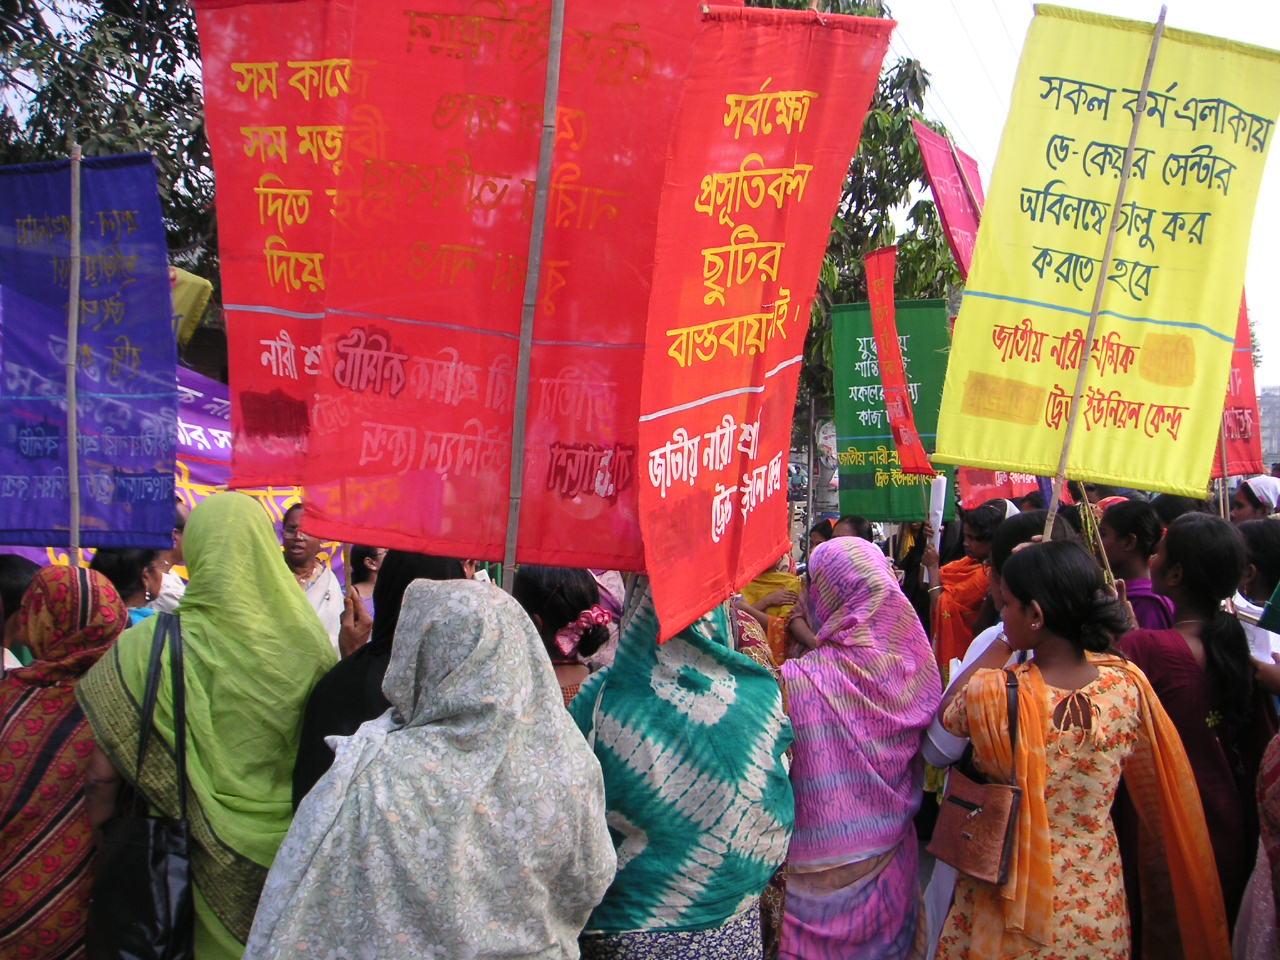 Frauen in Bangladesh demonstrieren für ihre Rechte - Quelle: WikiCommons